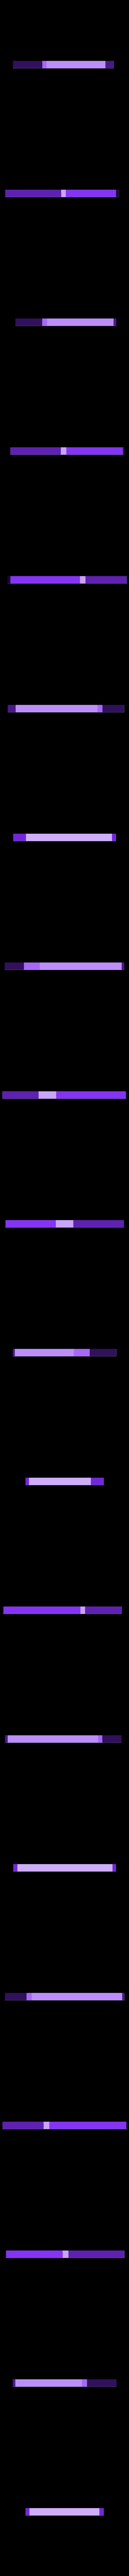 Printrbot_Multi_Back_Thin.stl Télécharger fichier STL gratuit Printrbot Multi • Objet à imprimer en 3D, rushmere3d